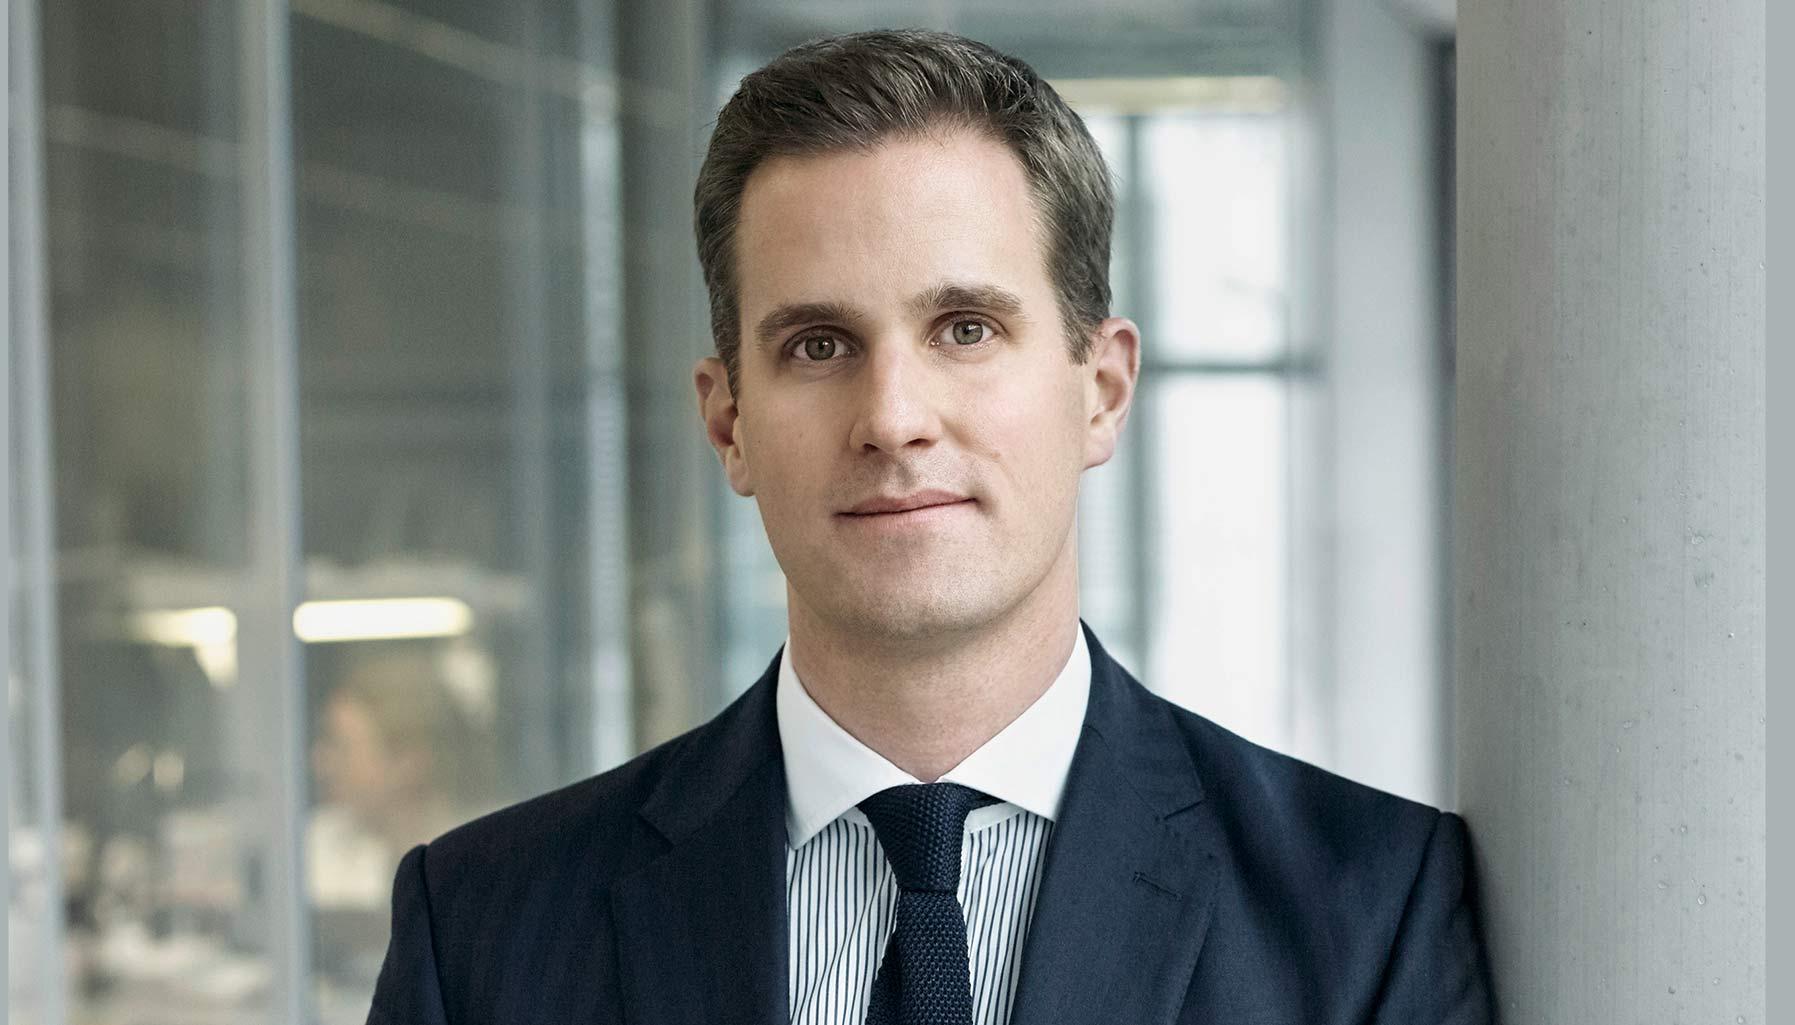 CEO of IWC, Christophe Grainger-Herr